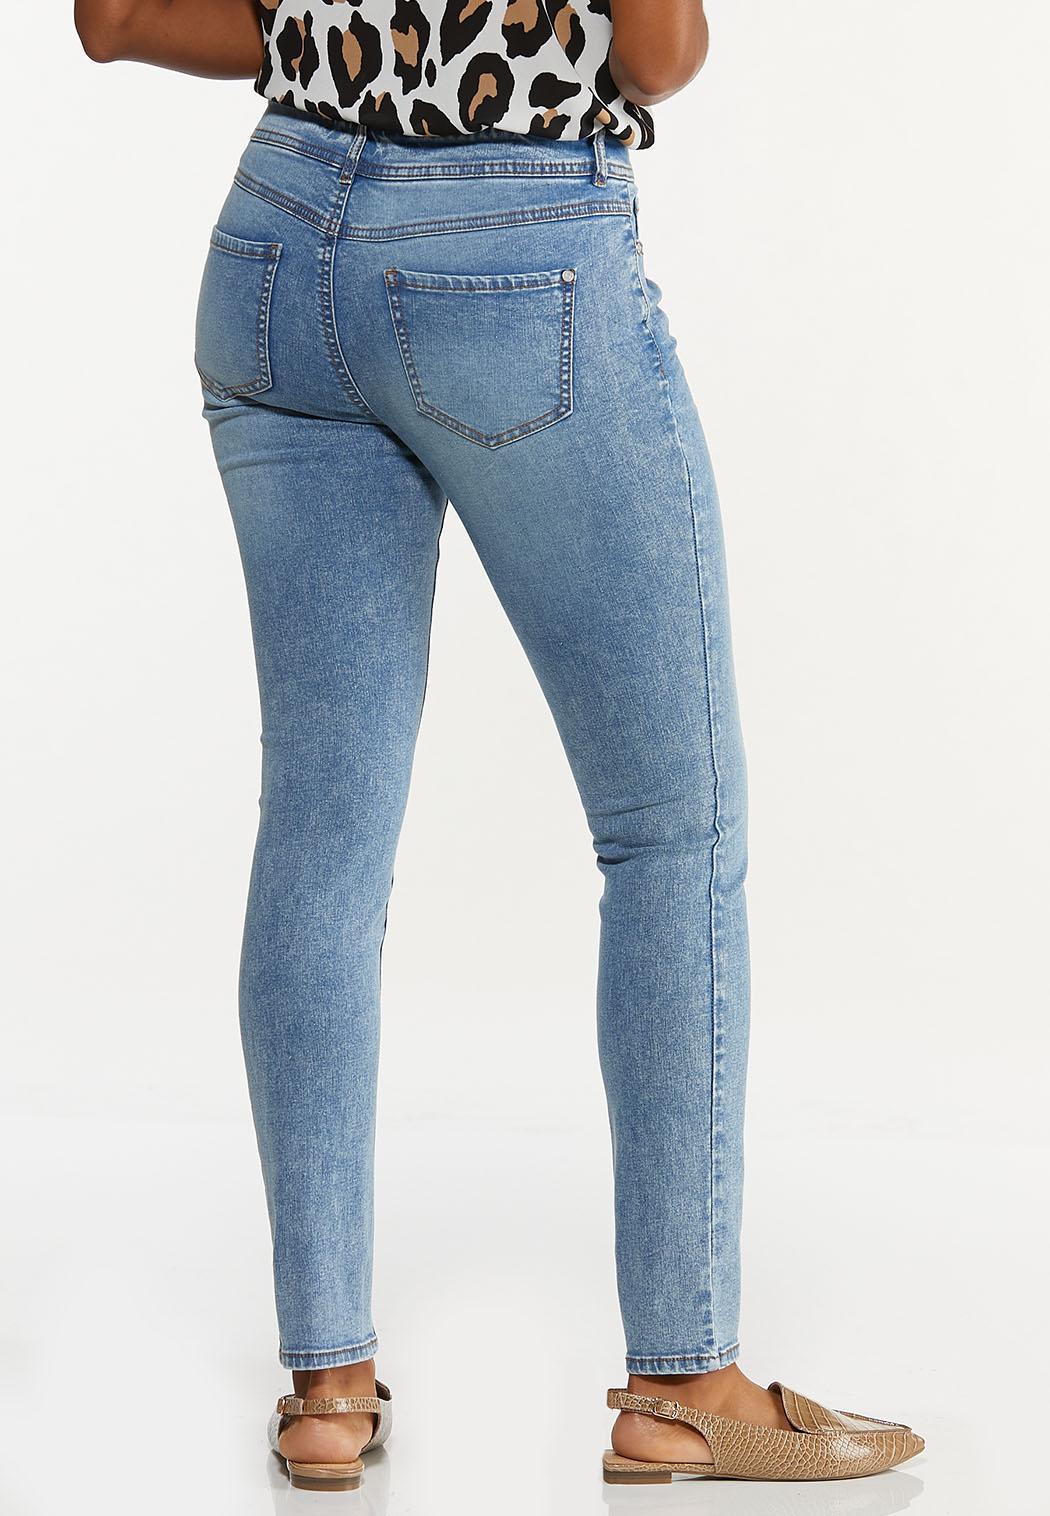 Super Stretch Skinny Jeans (Item #44644928)